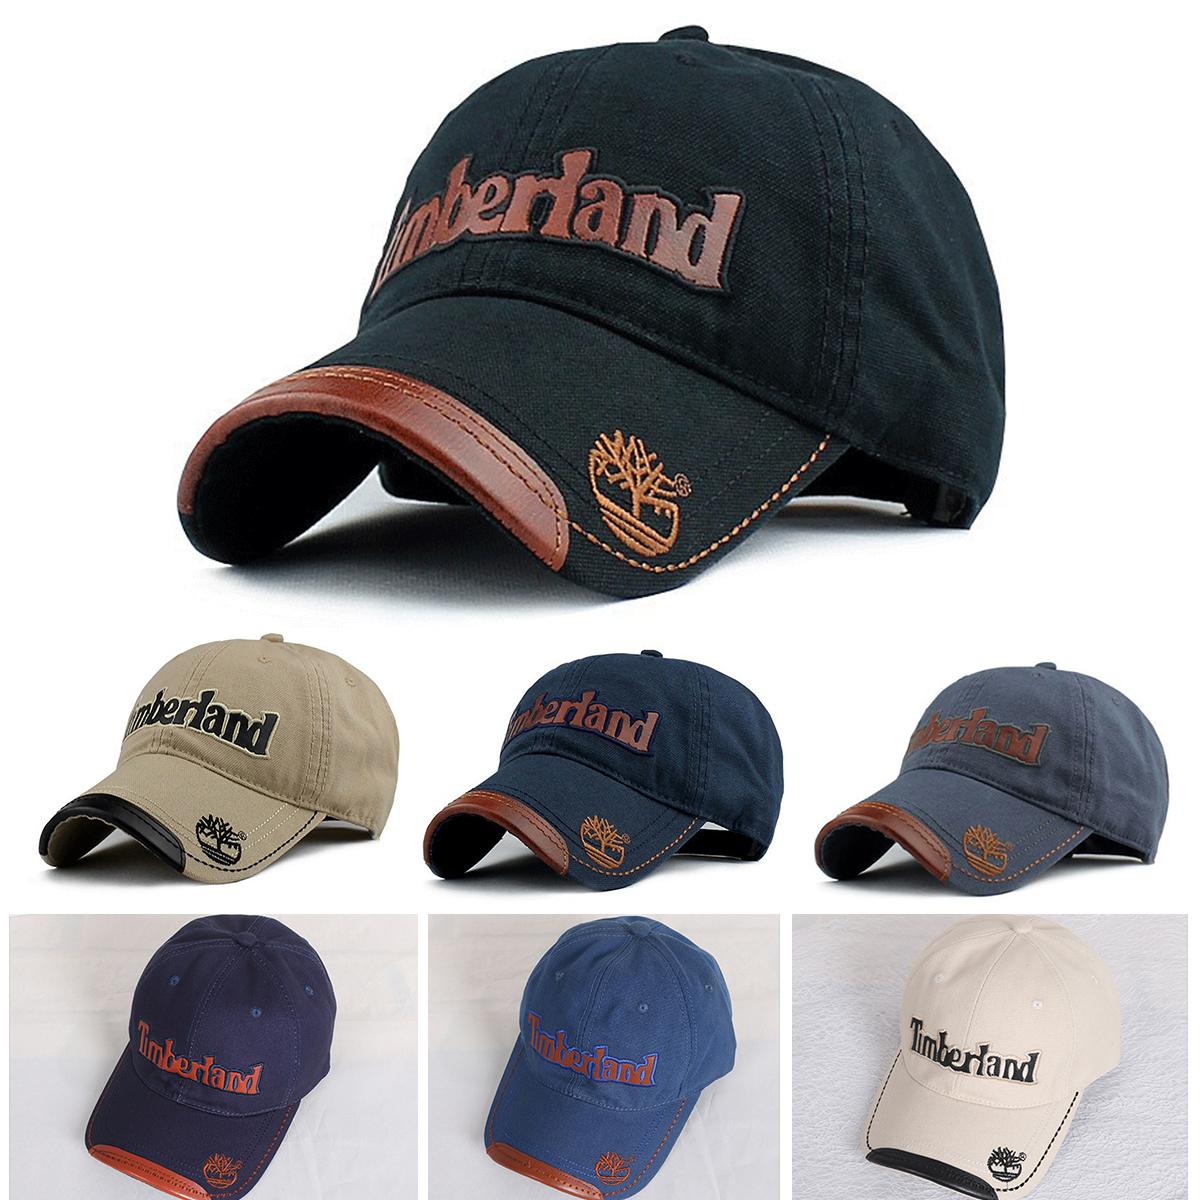 Details about Men Women Word Print Hat Adult Adjustable Trucker Golf Sport  Baseball Cap Hats 0827d04b0a92